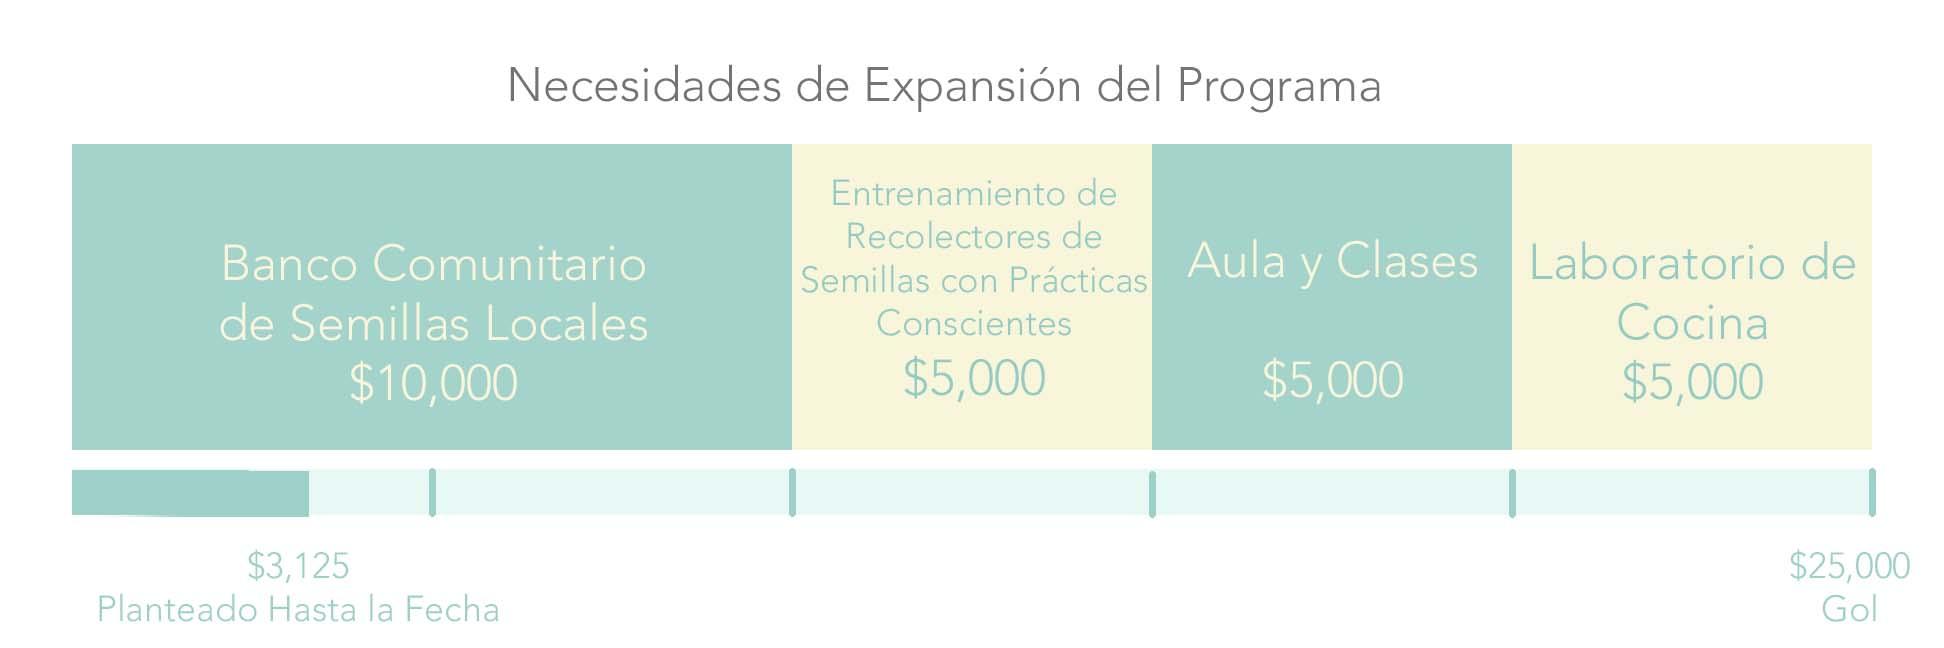 Necesidades de Expansión del Programa.jpg